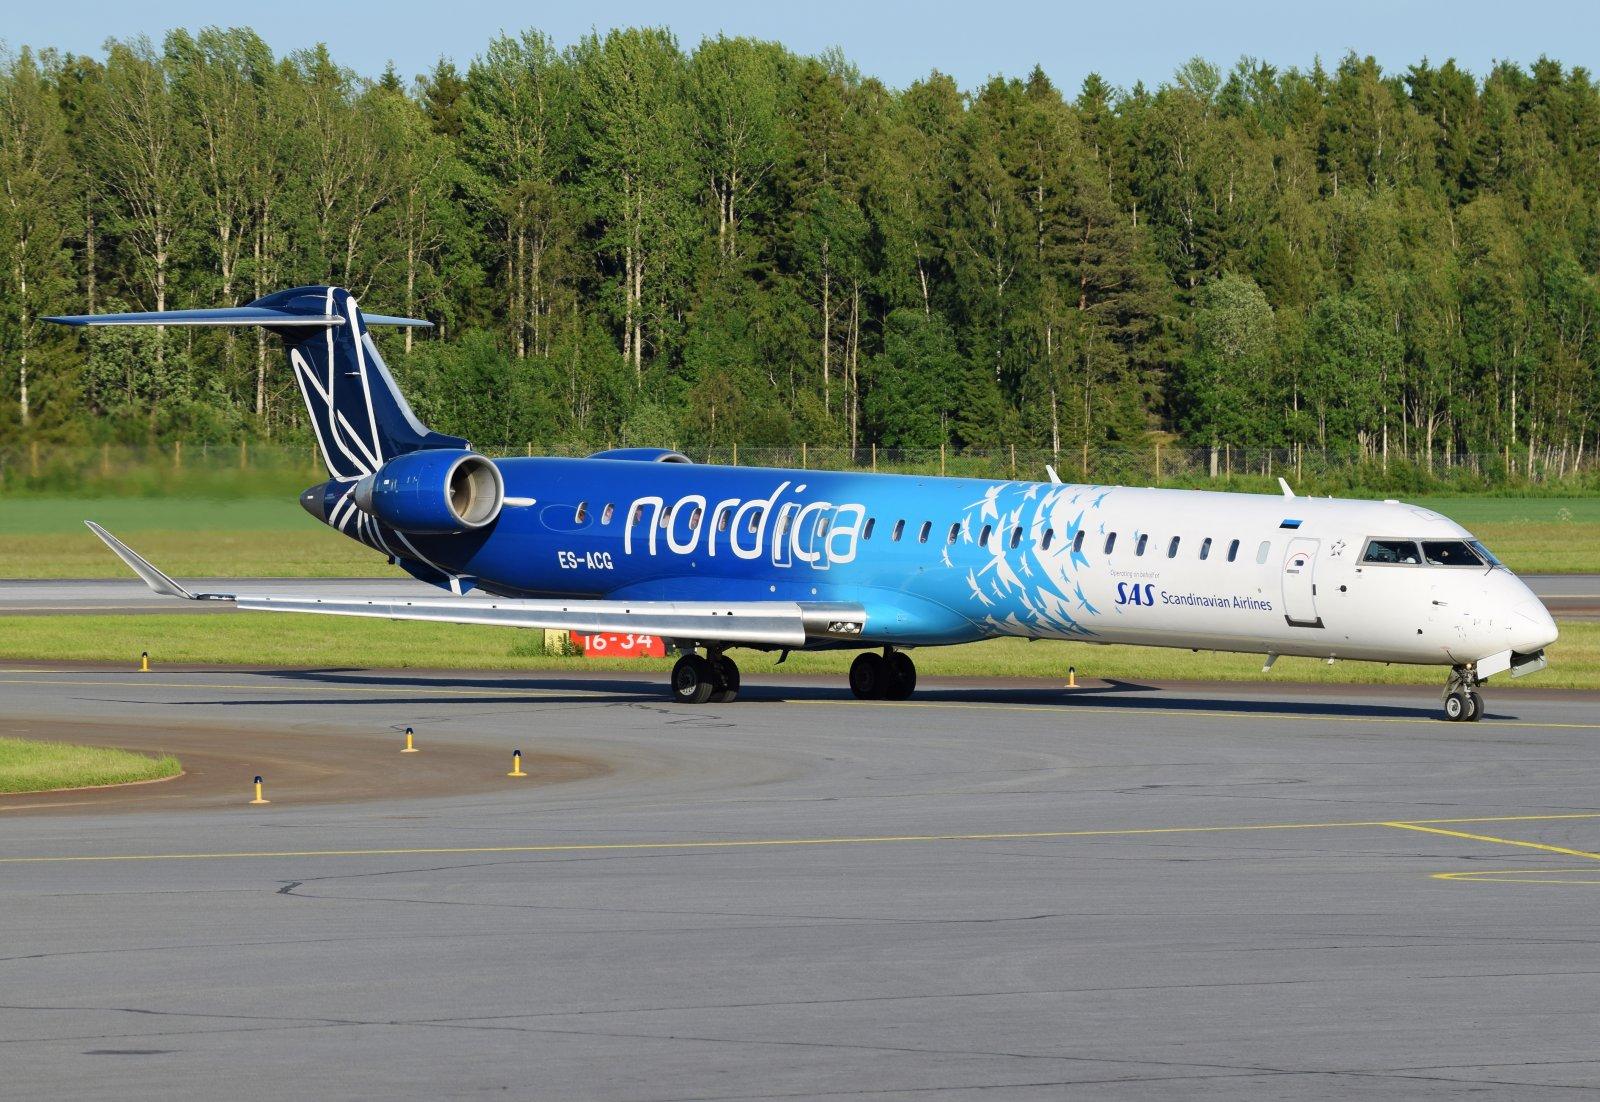 ES-ACG - Bombardier CRJ-900LR - Nordica - 18.6.2019